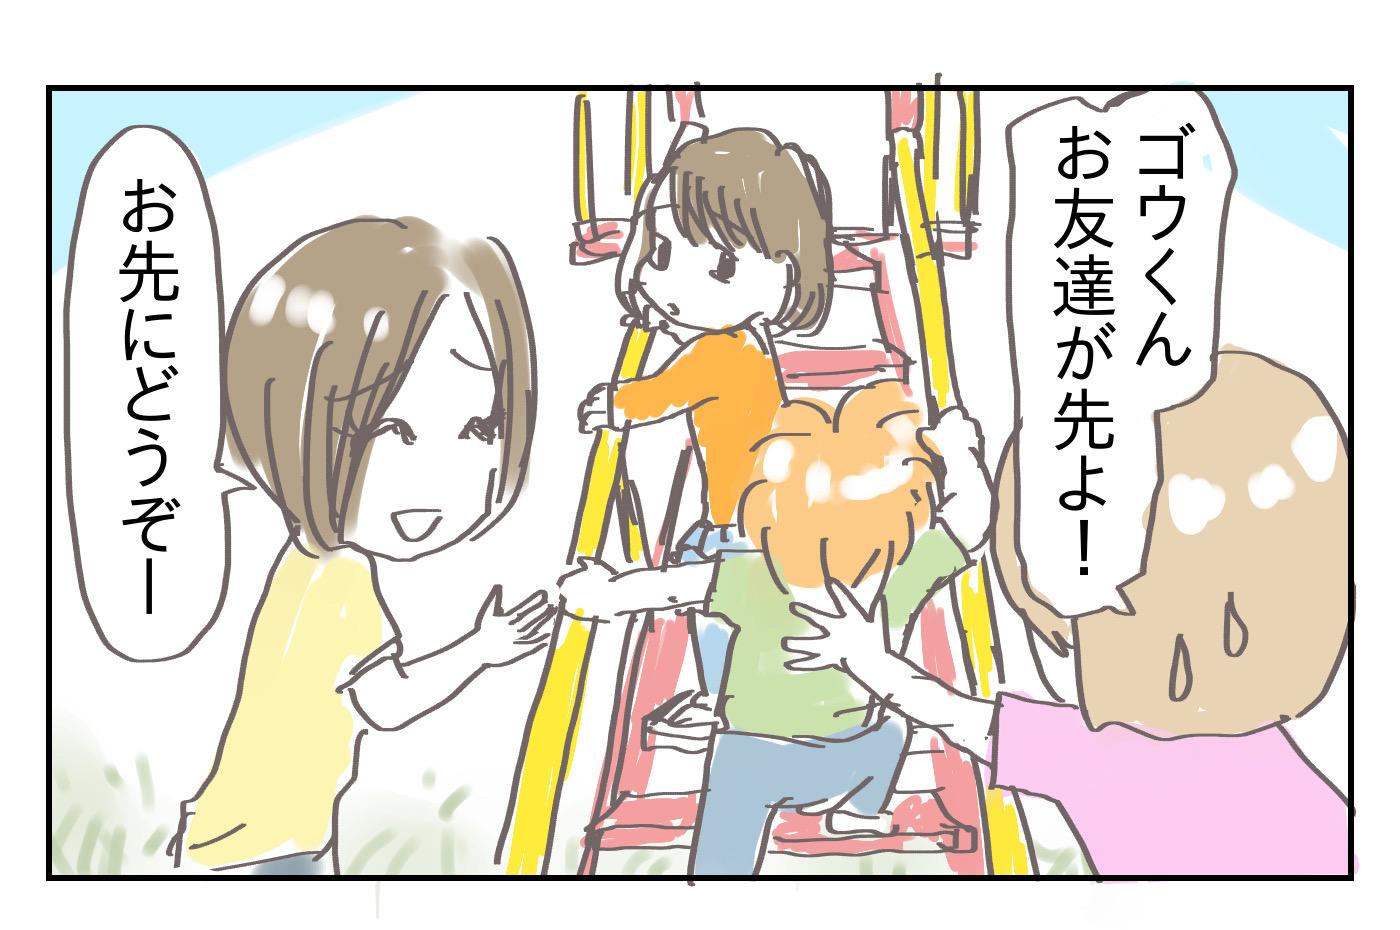 先に並んでる子が小さい子の場合、小さい子の安全を考慮して動きの早い息子に順番を譲ってくれる人が多かったです。